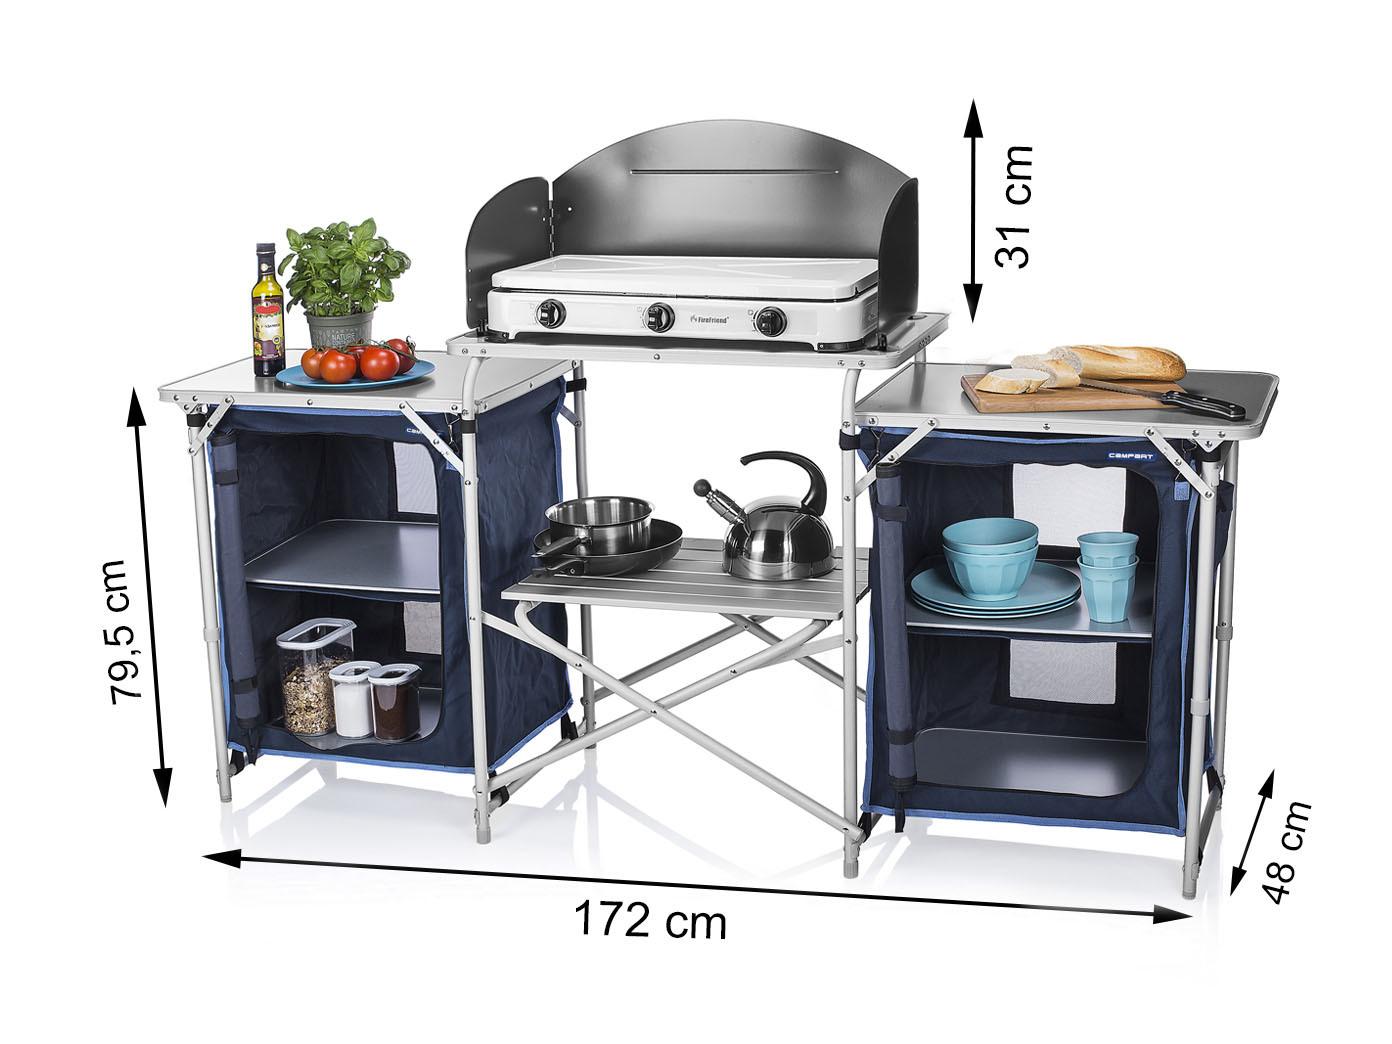 Outdoor Küche Block : Die perfekte outdoor küche für jeden wunsch kochen im garten